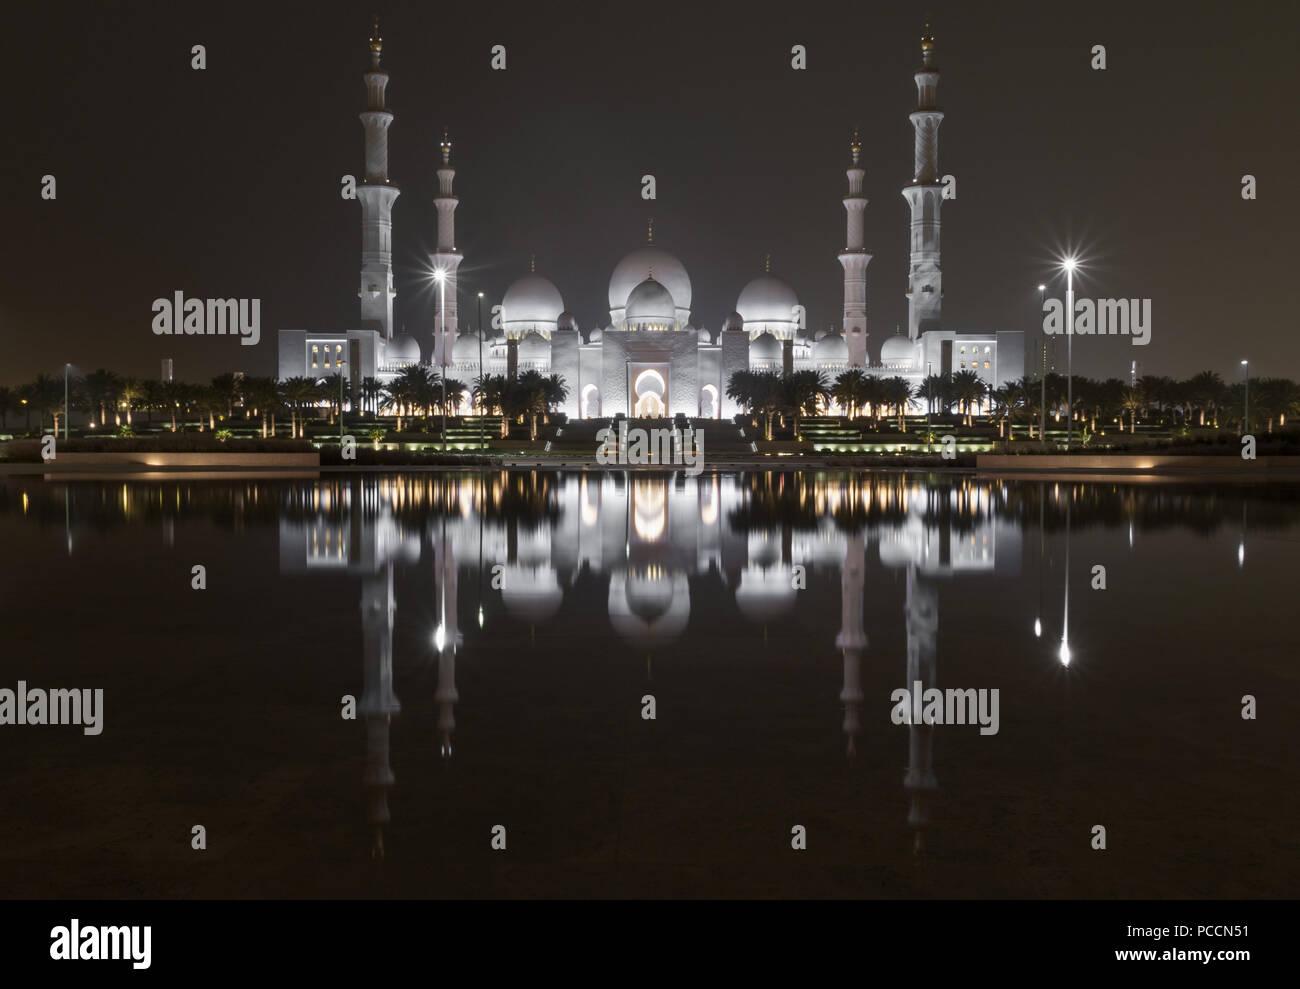 Abu Dhabi - La Mezquita Sheikh Zayed es el hito más reconocibles en Abu Dabhi. Aquí, en particular, un vistazo a su maravillosa arquitectura Imagen De Stock